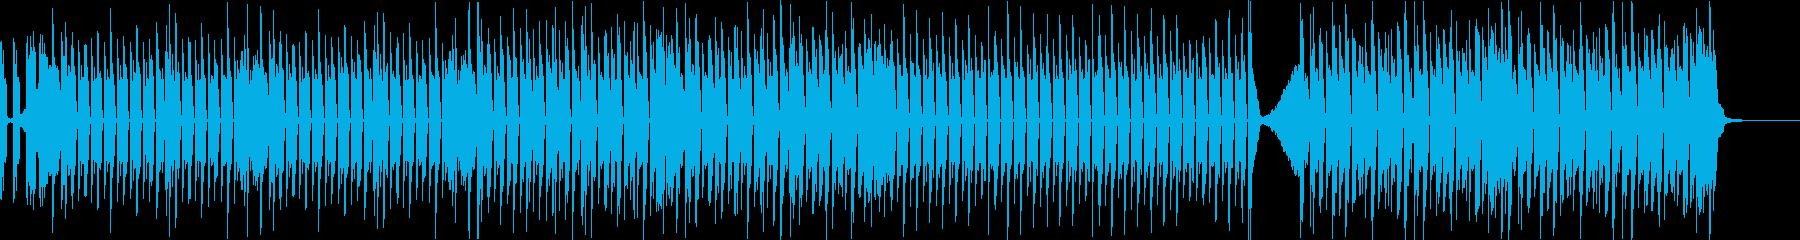 キュートでポップなわんぱく電子音+ピアノの再生済みの波形